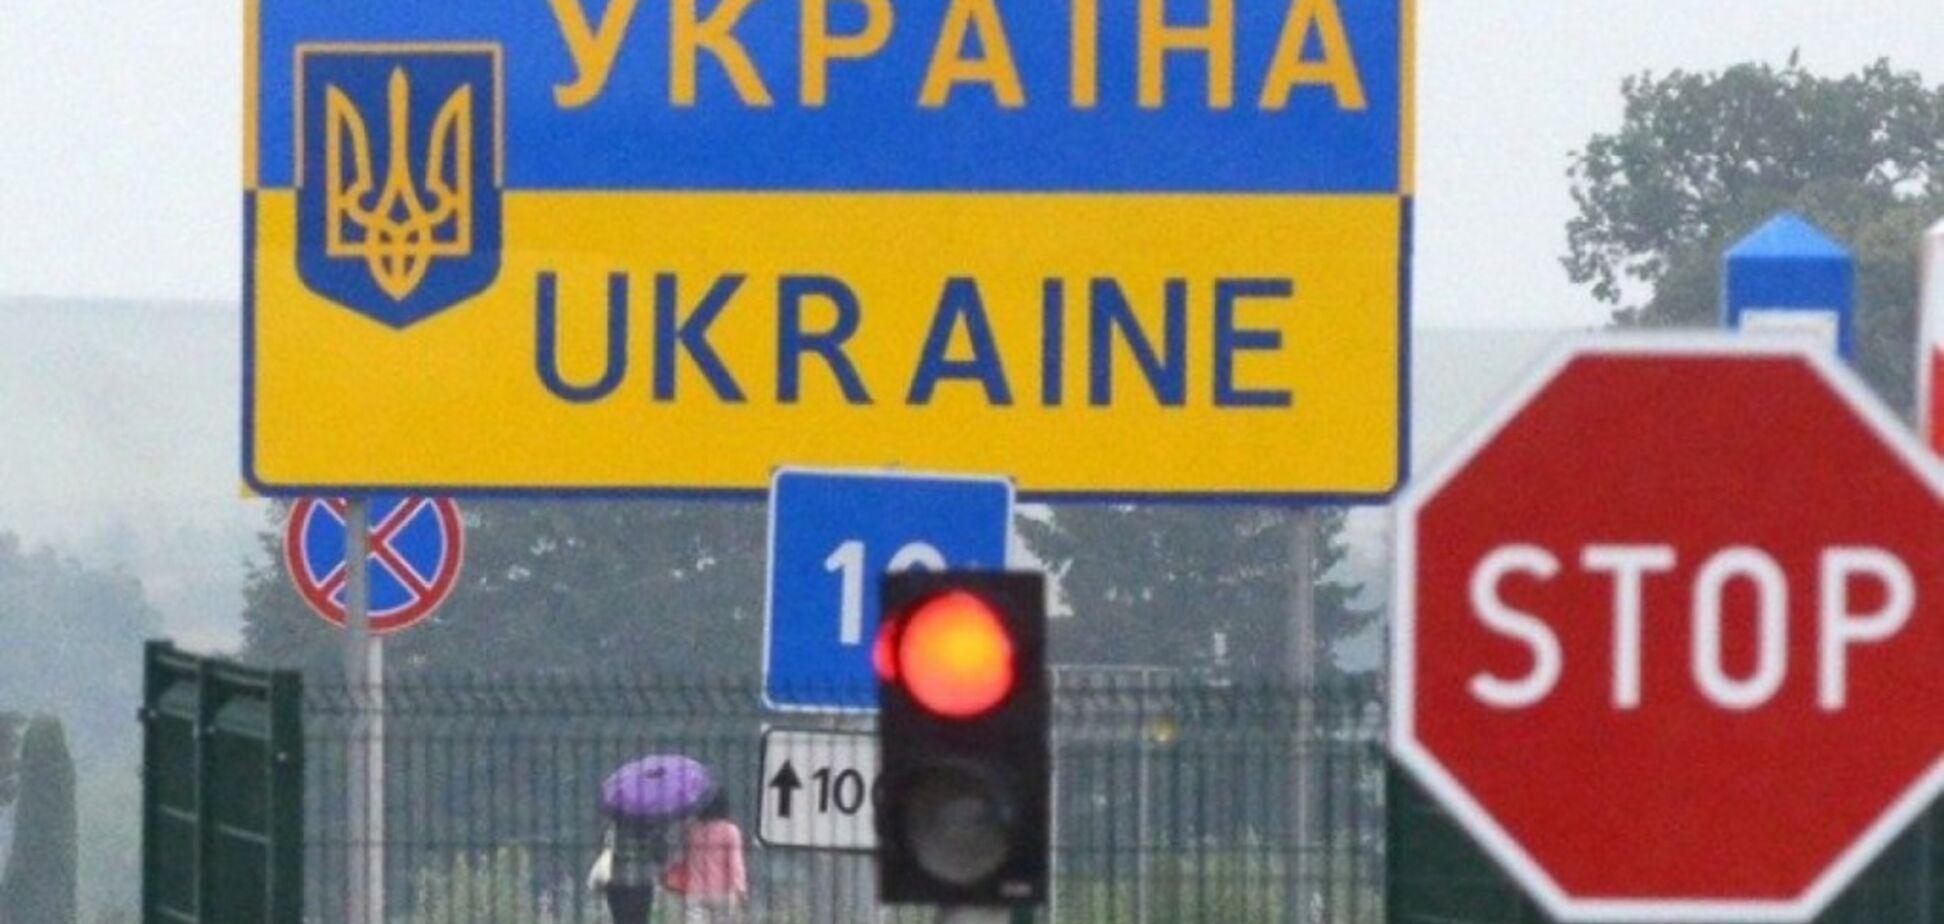 Россиян будут сажать за пересечение границы: Рада одобрила изменения в УК